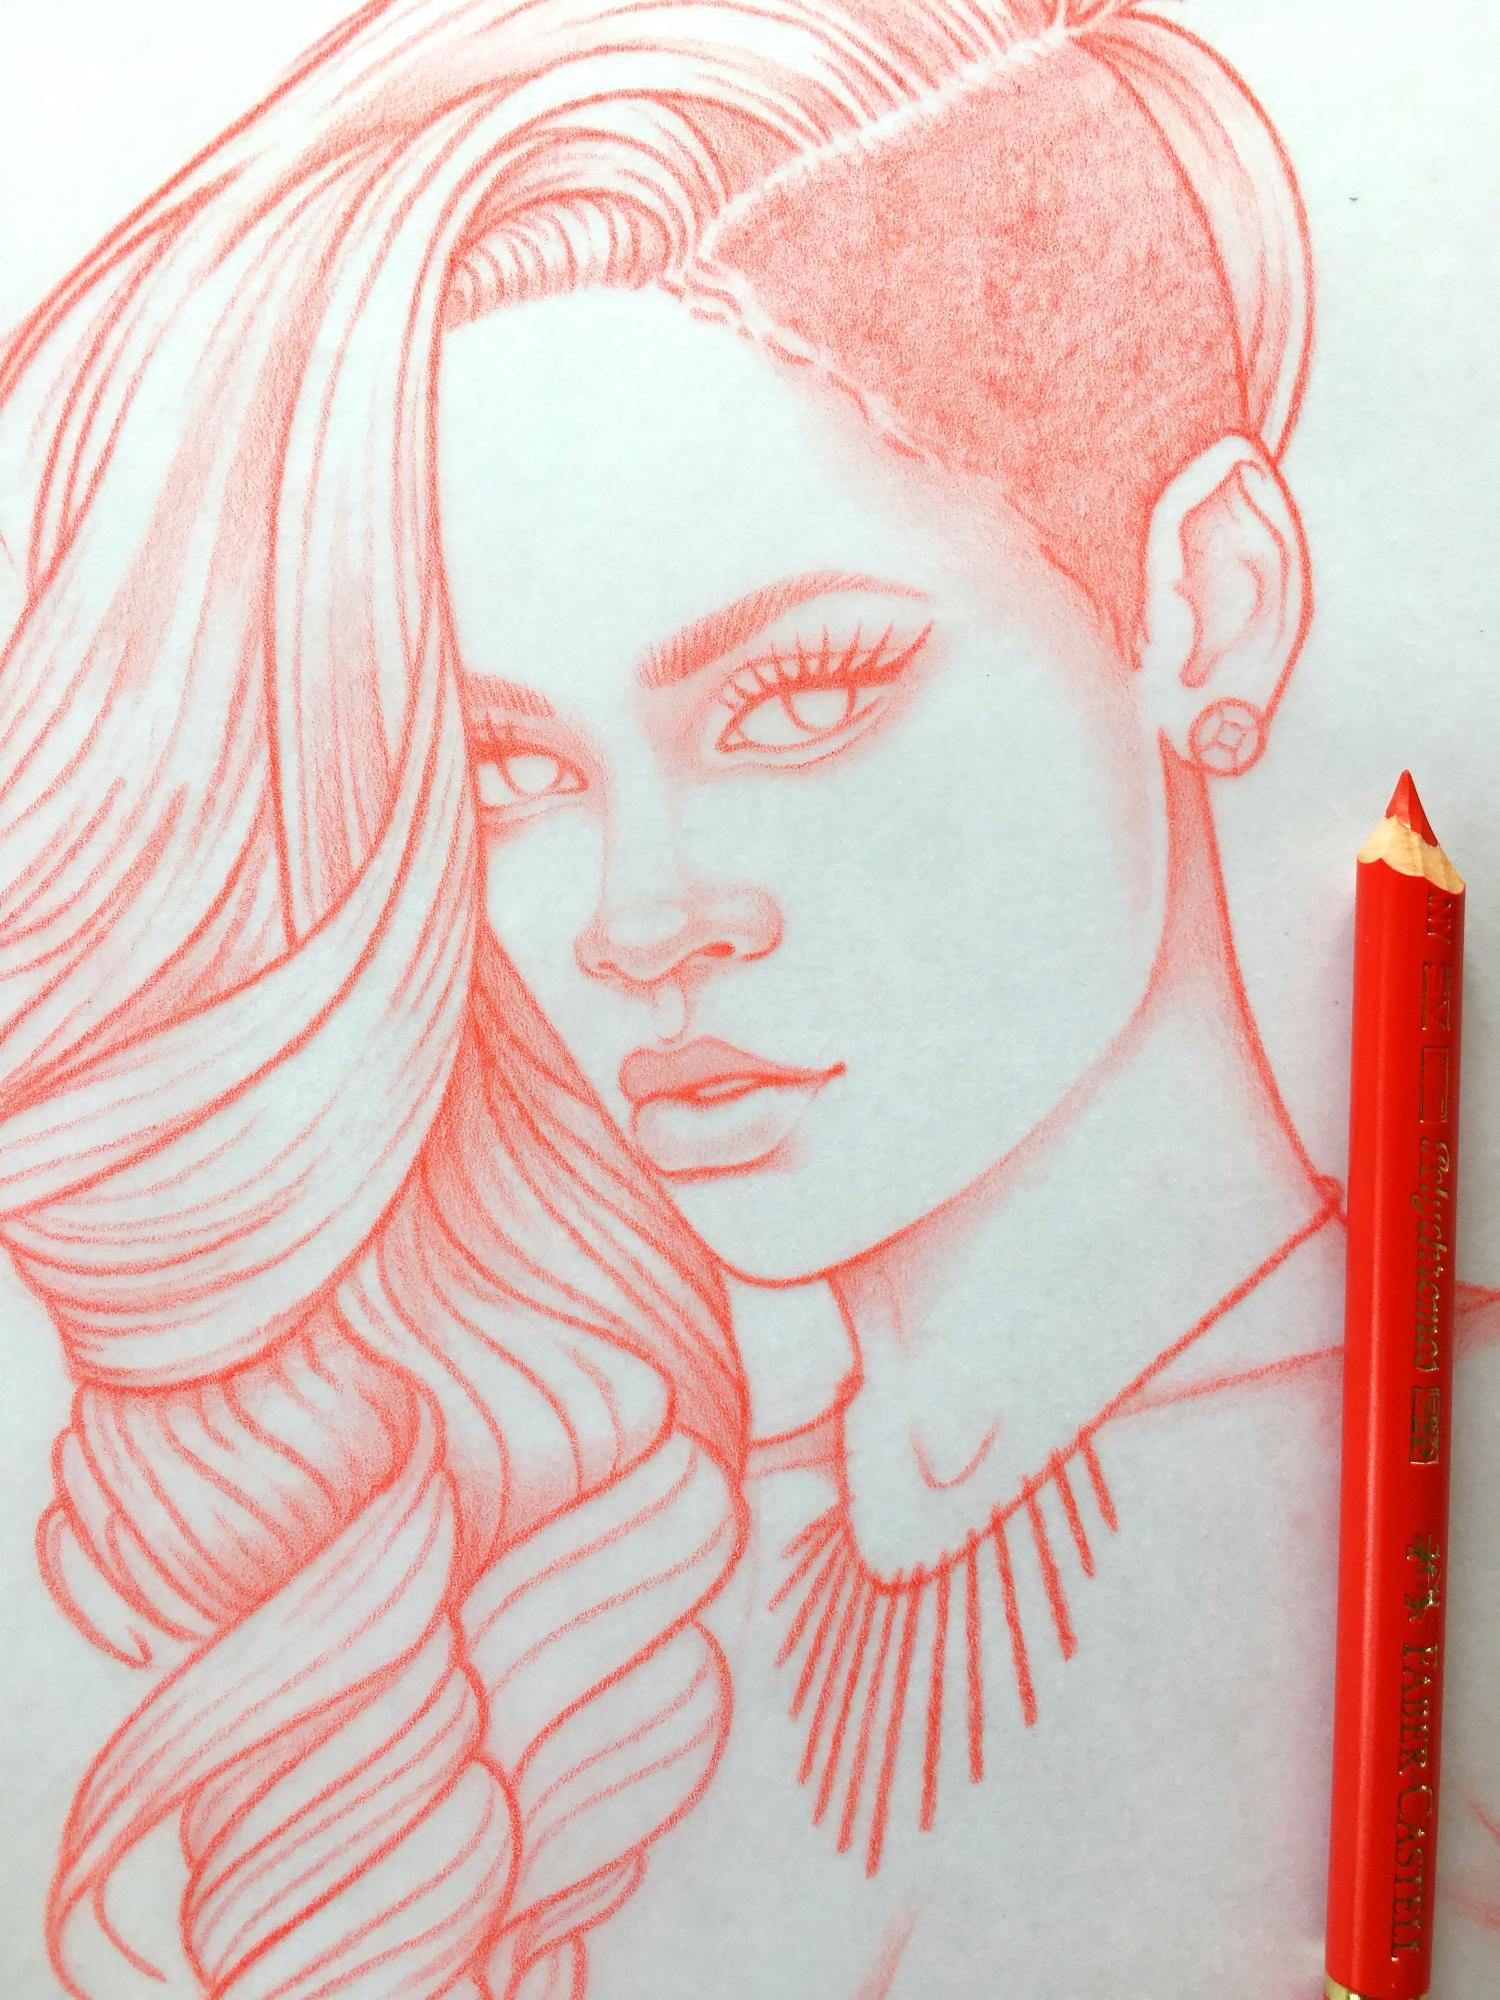 Rihanna Sketch.jpg